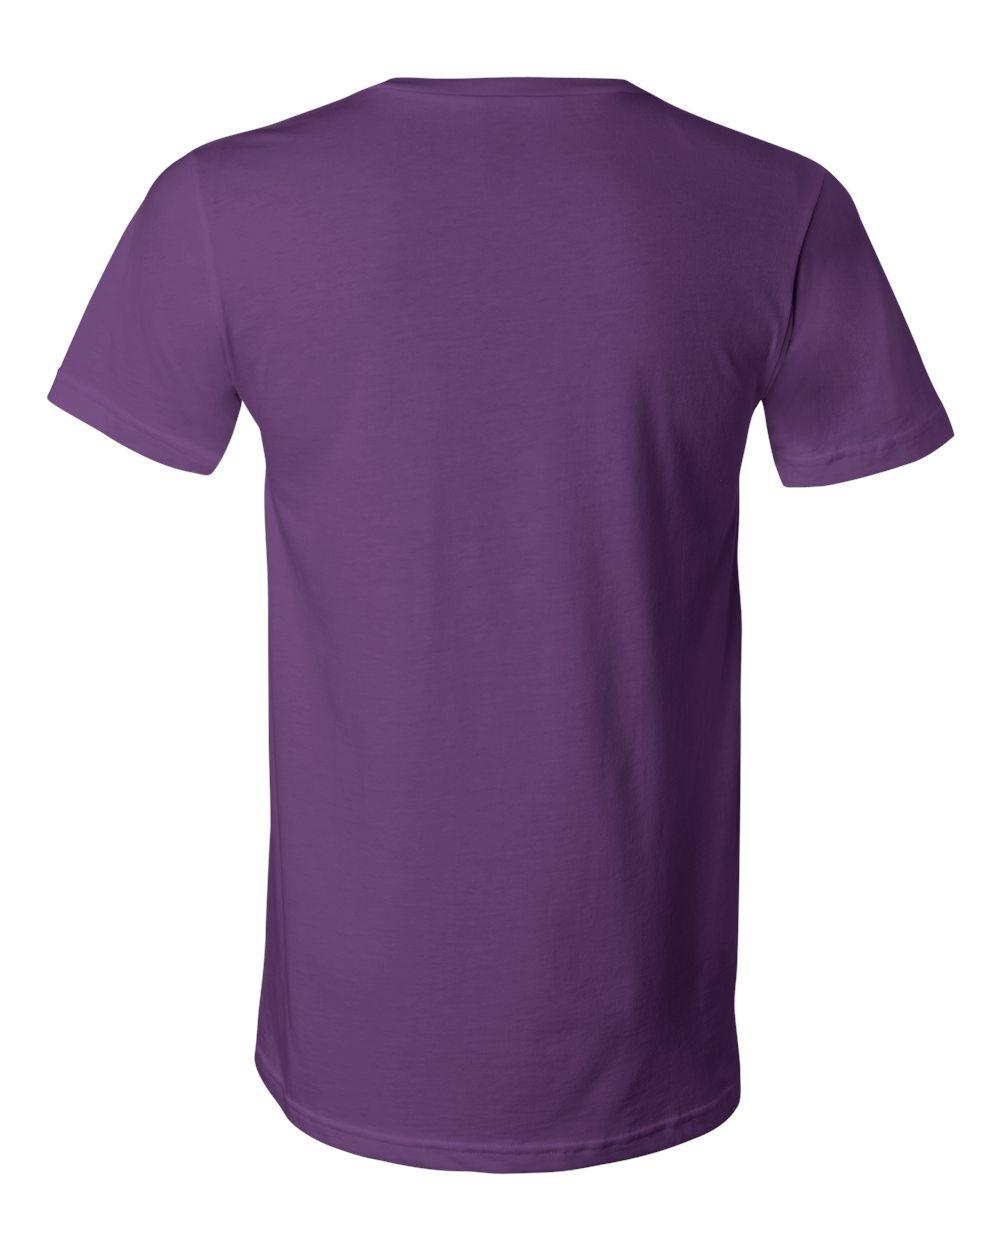 Bella-Canvas-Men-039-s-Jersey-Short-Sleeve-V-Neck-T-Shirt-3005-XS-3XL thumbnail 50